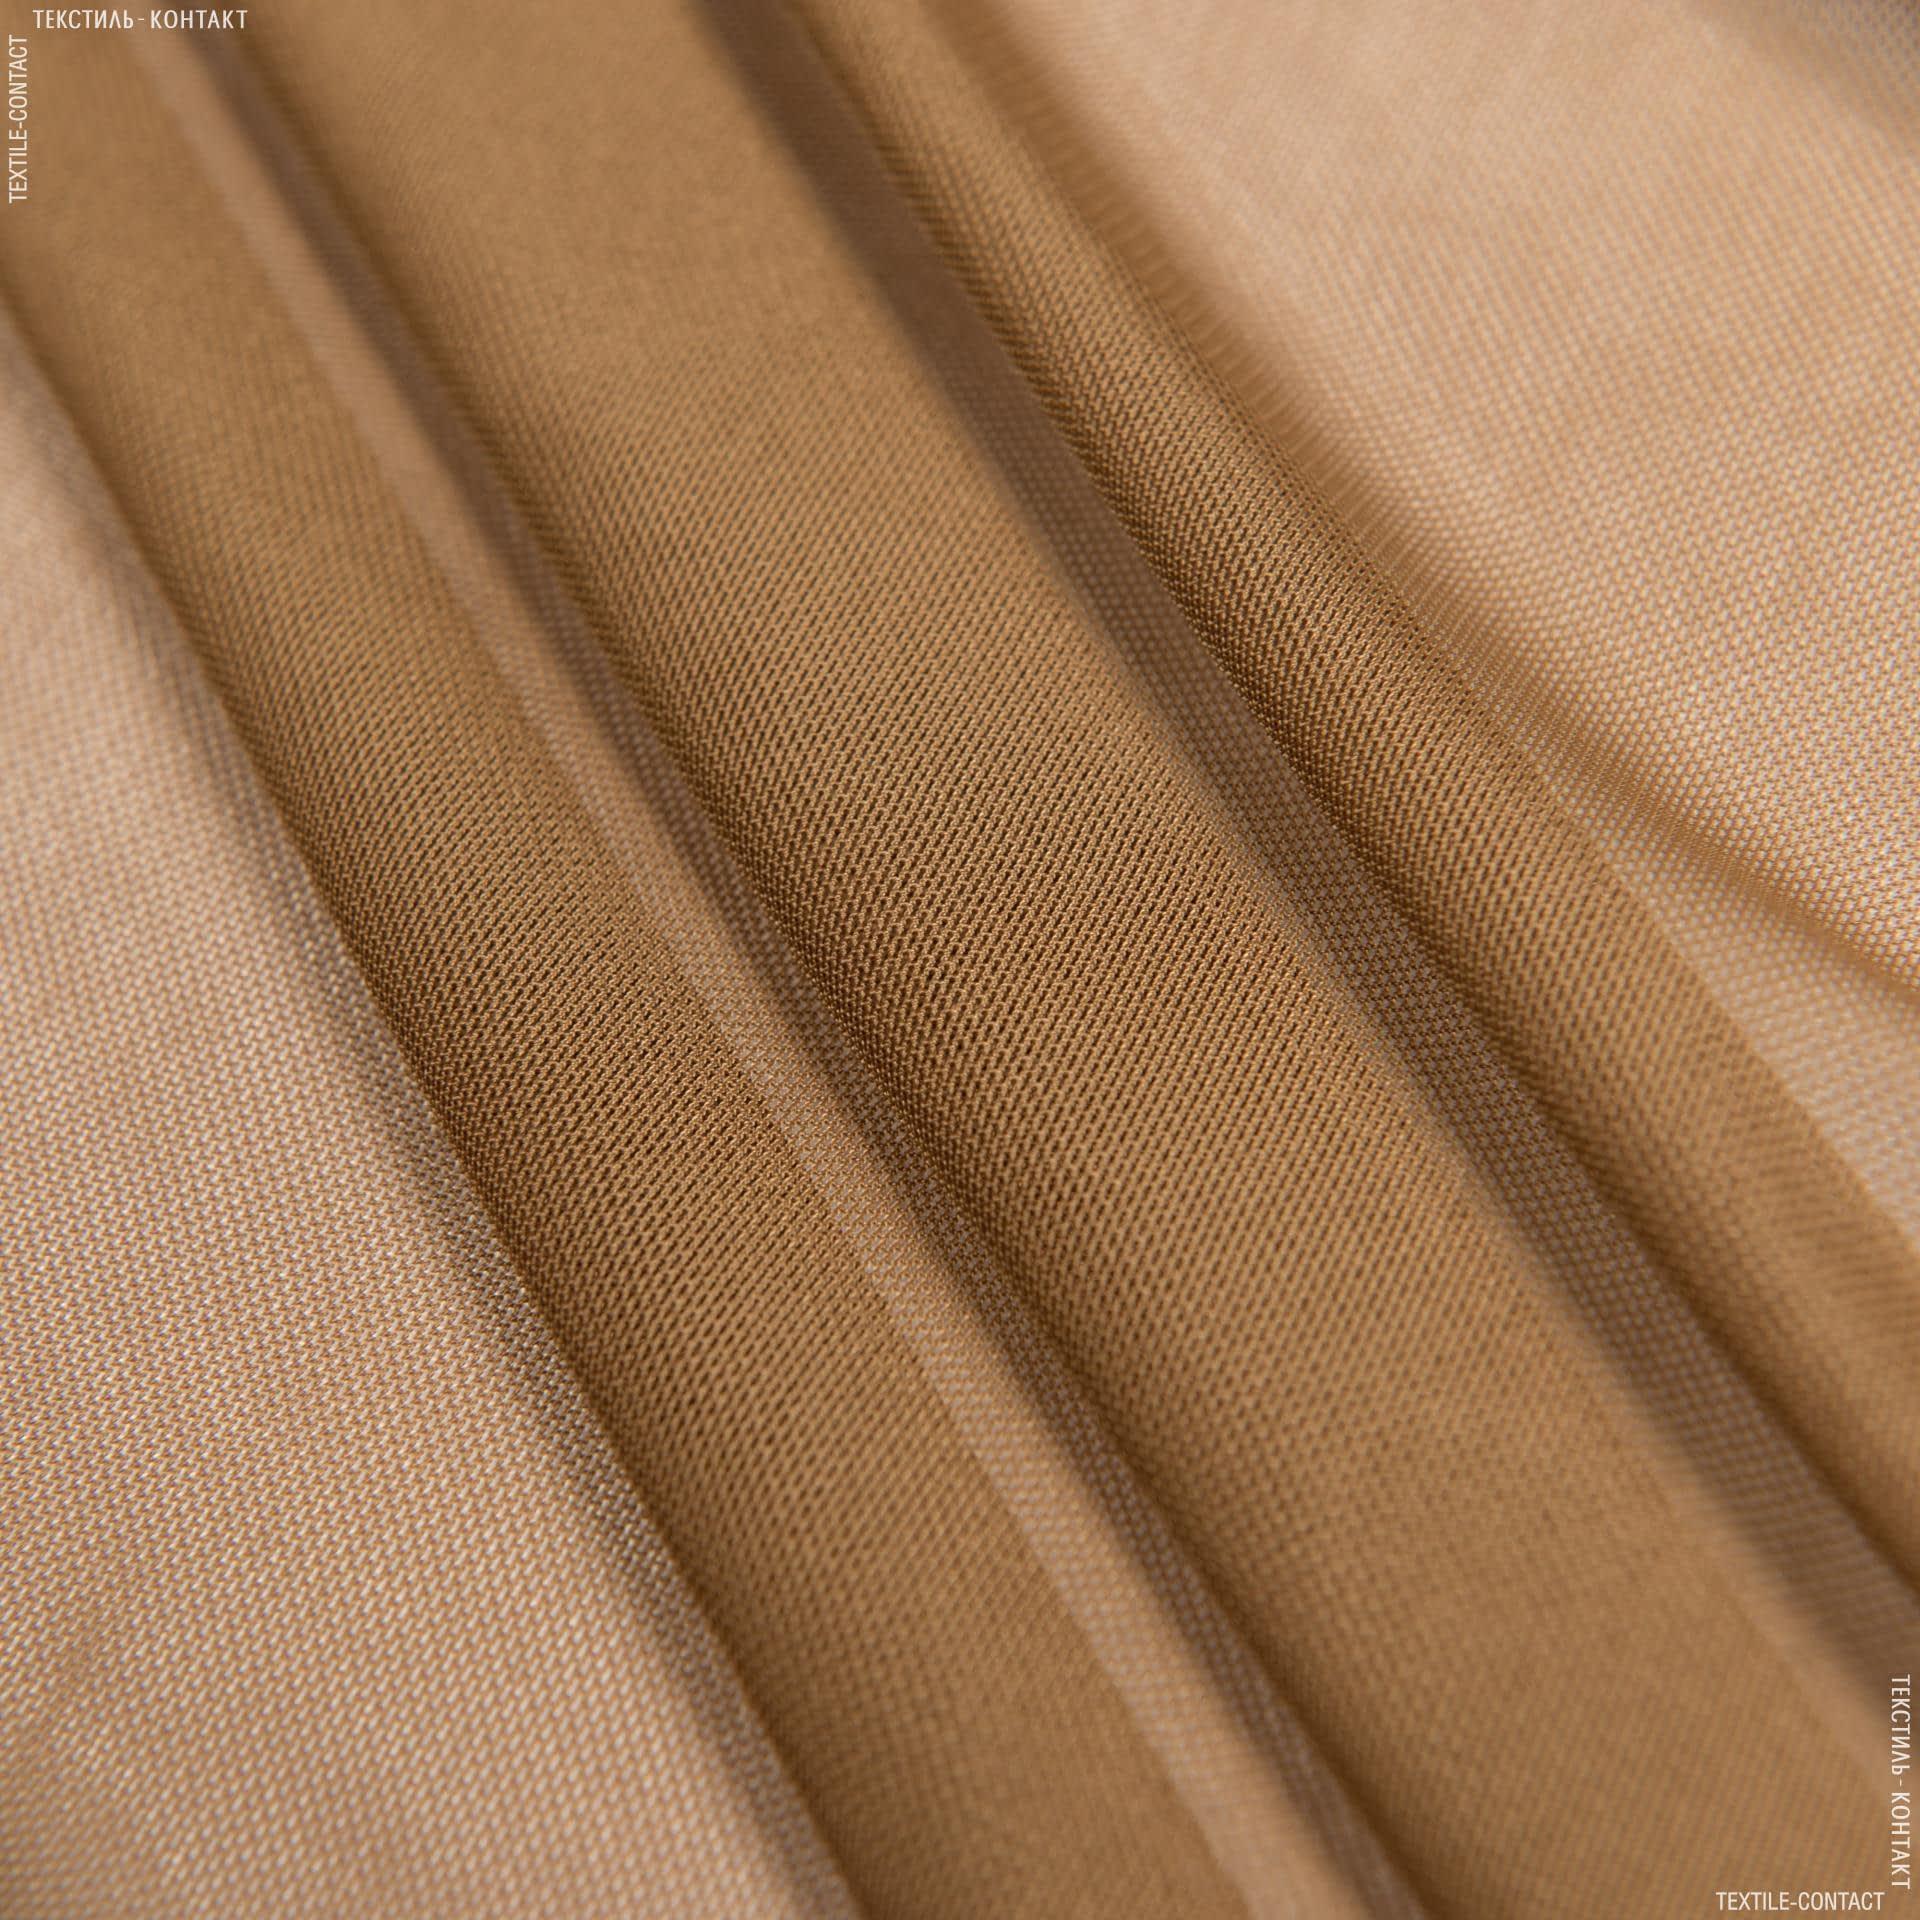 Тканини для дитячого одягу - Сітка стрейч коричневий